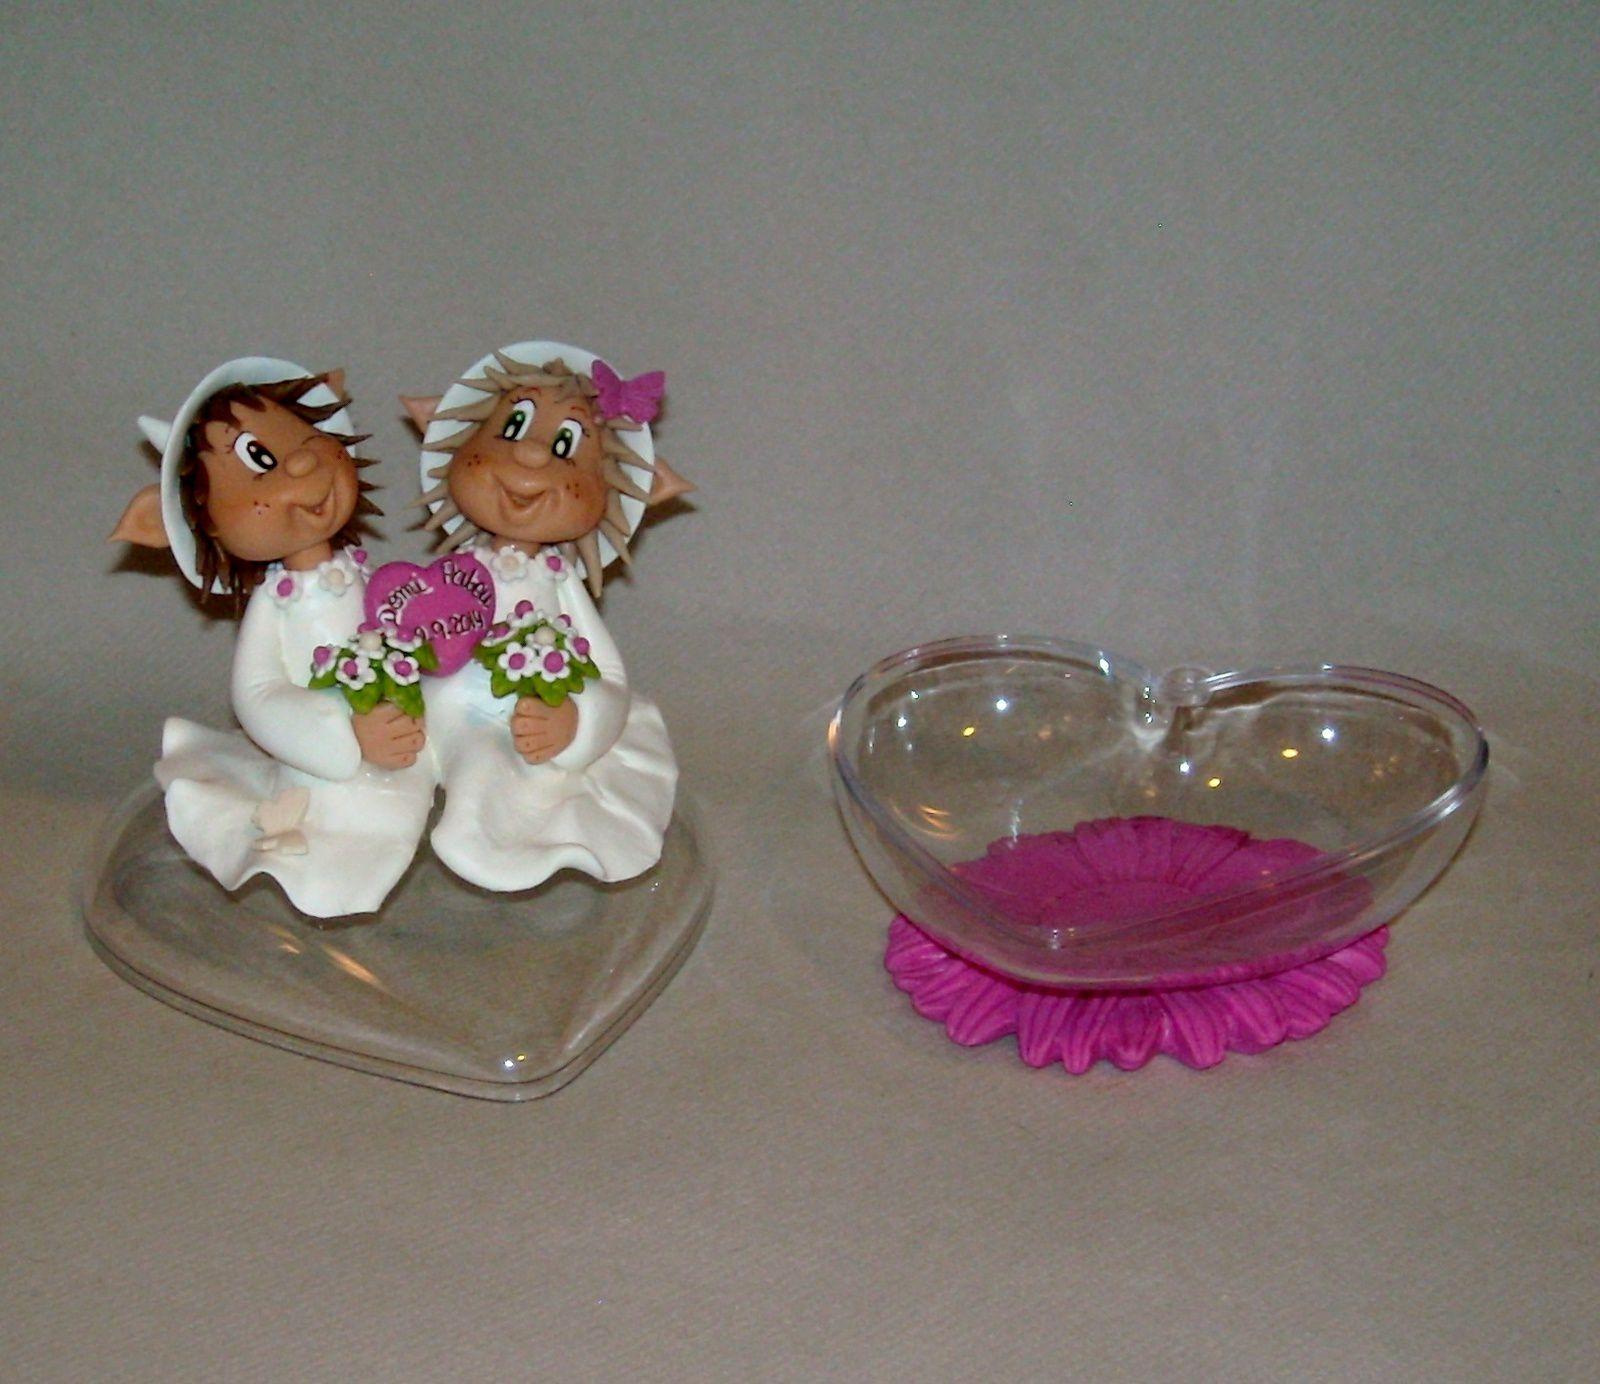 Mariage elfique gay